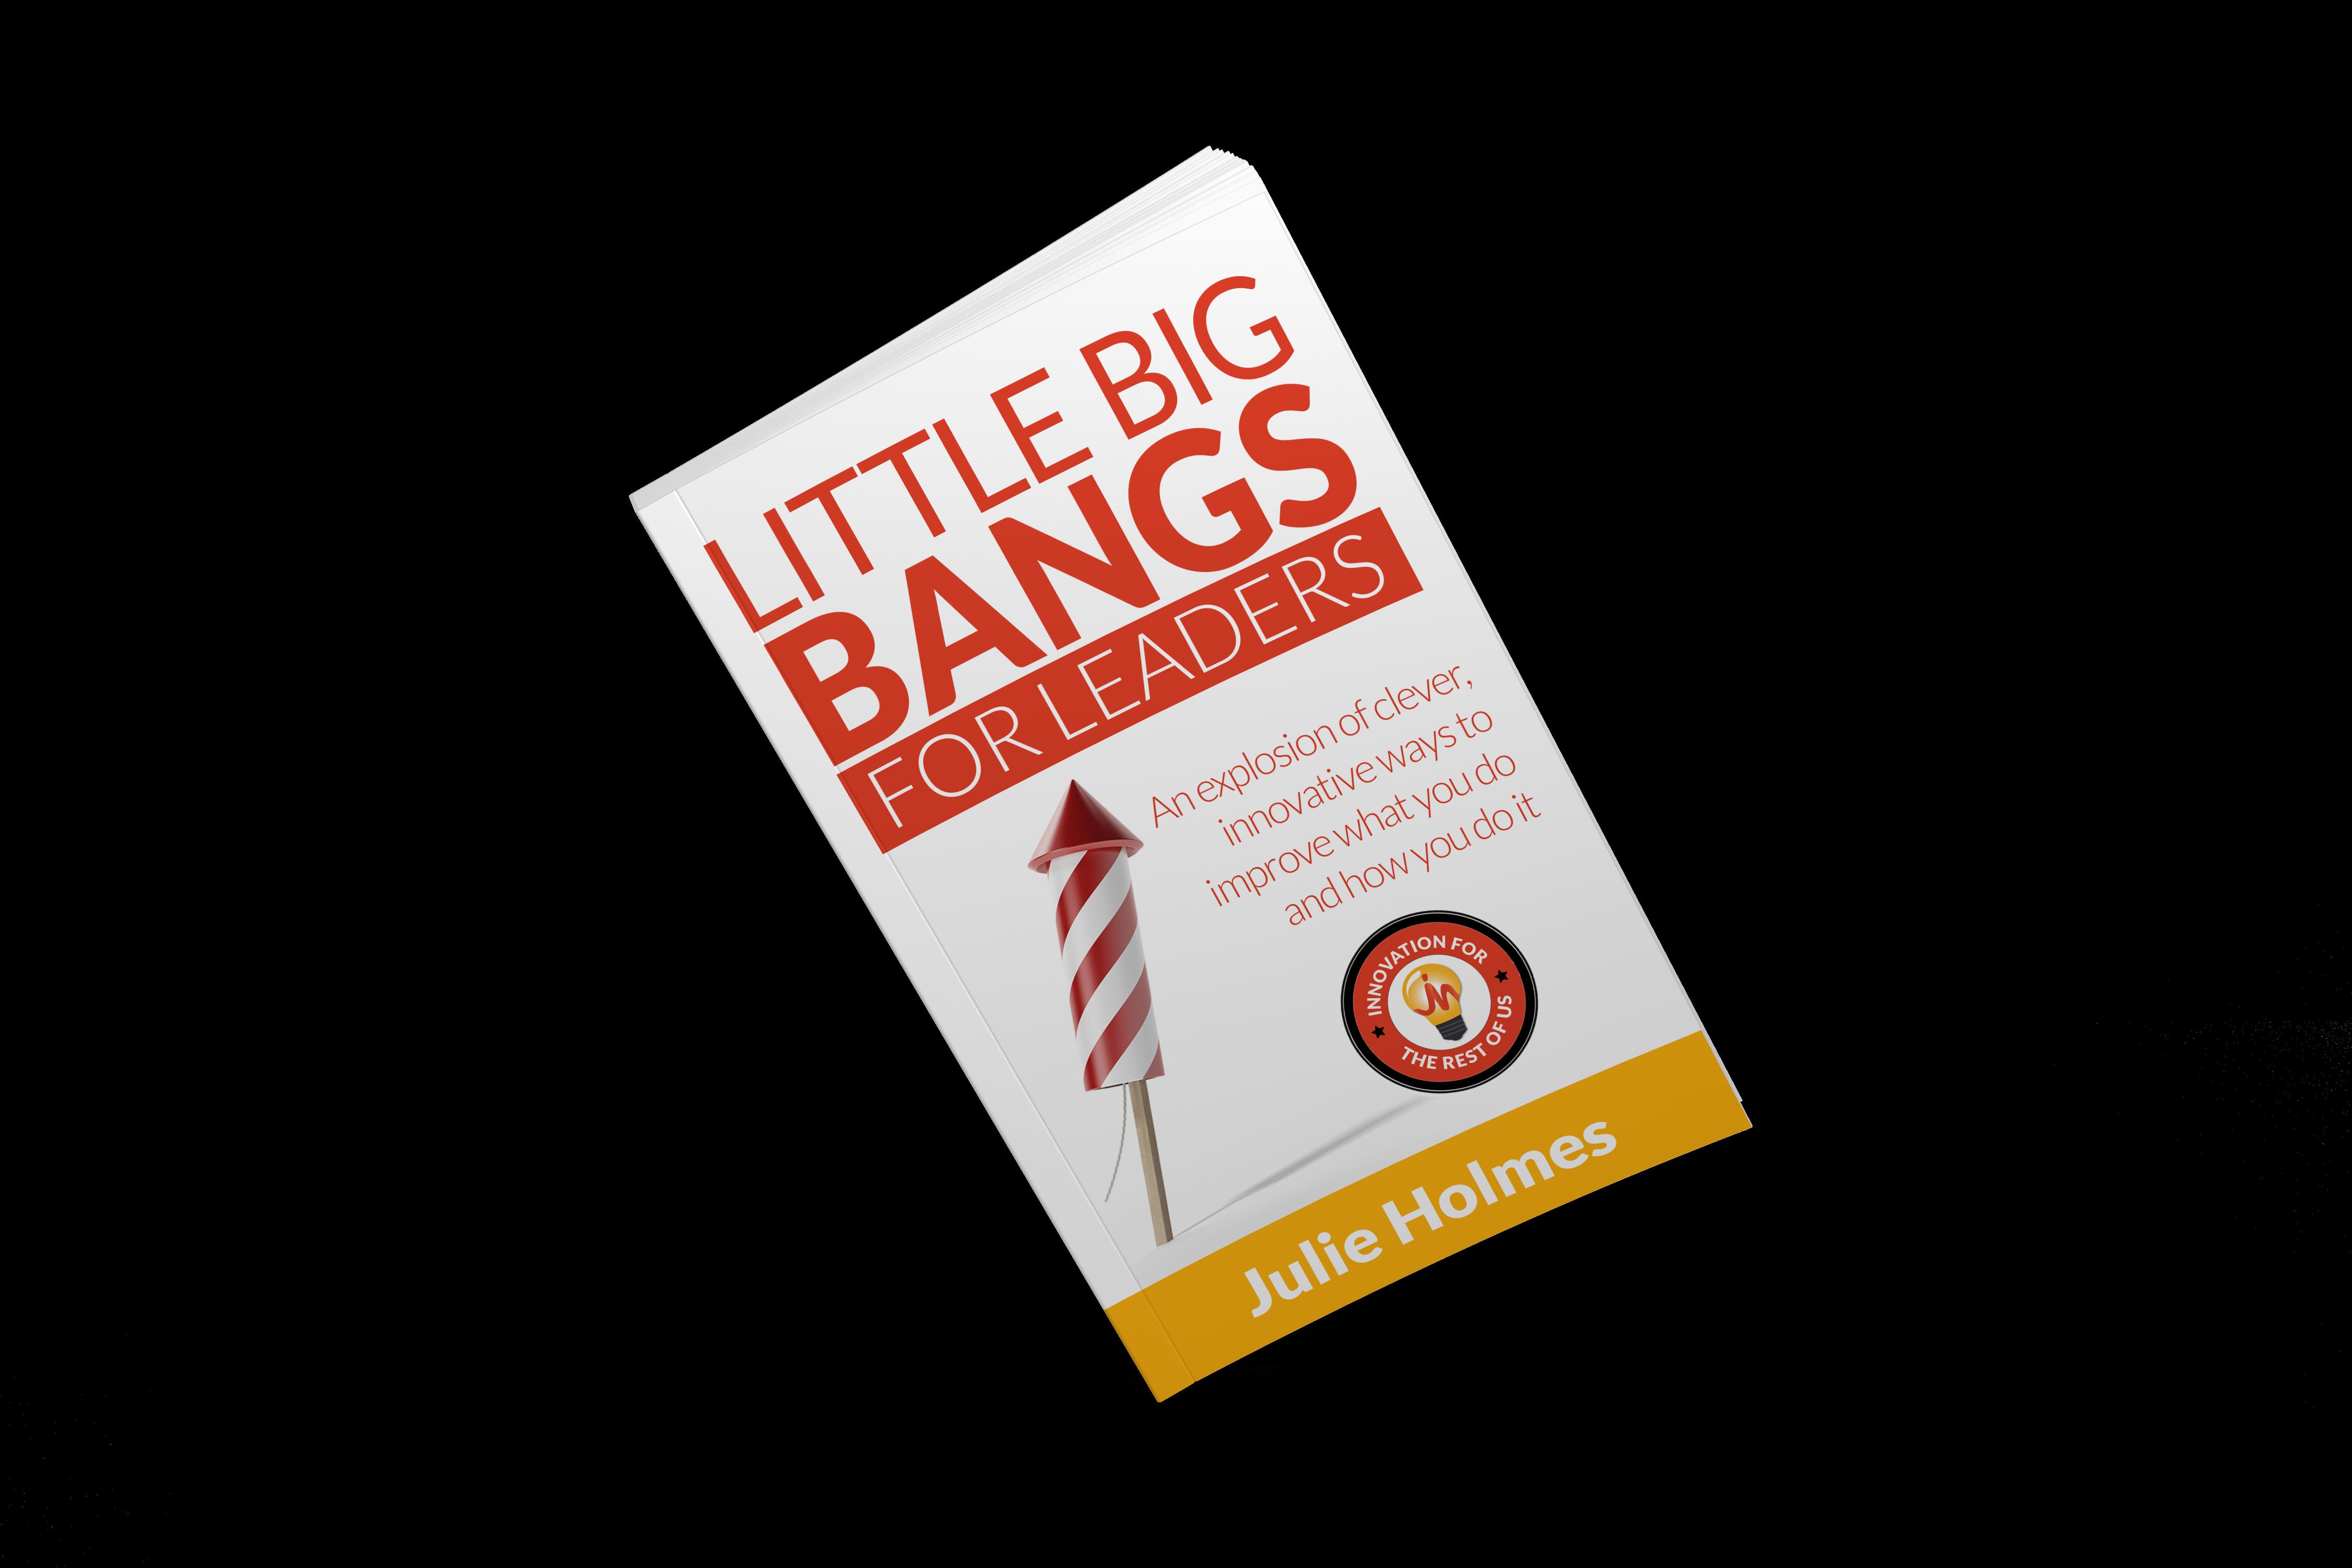 Little Big Bangs for Leaders Cover Mockup - Julie Holmes